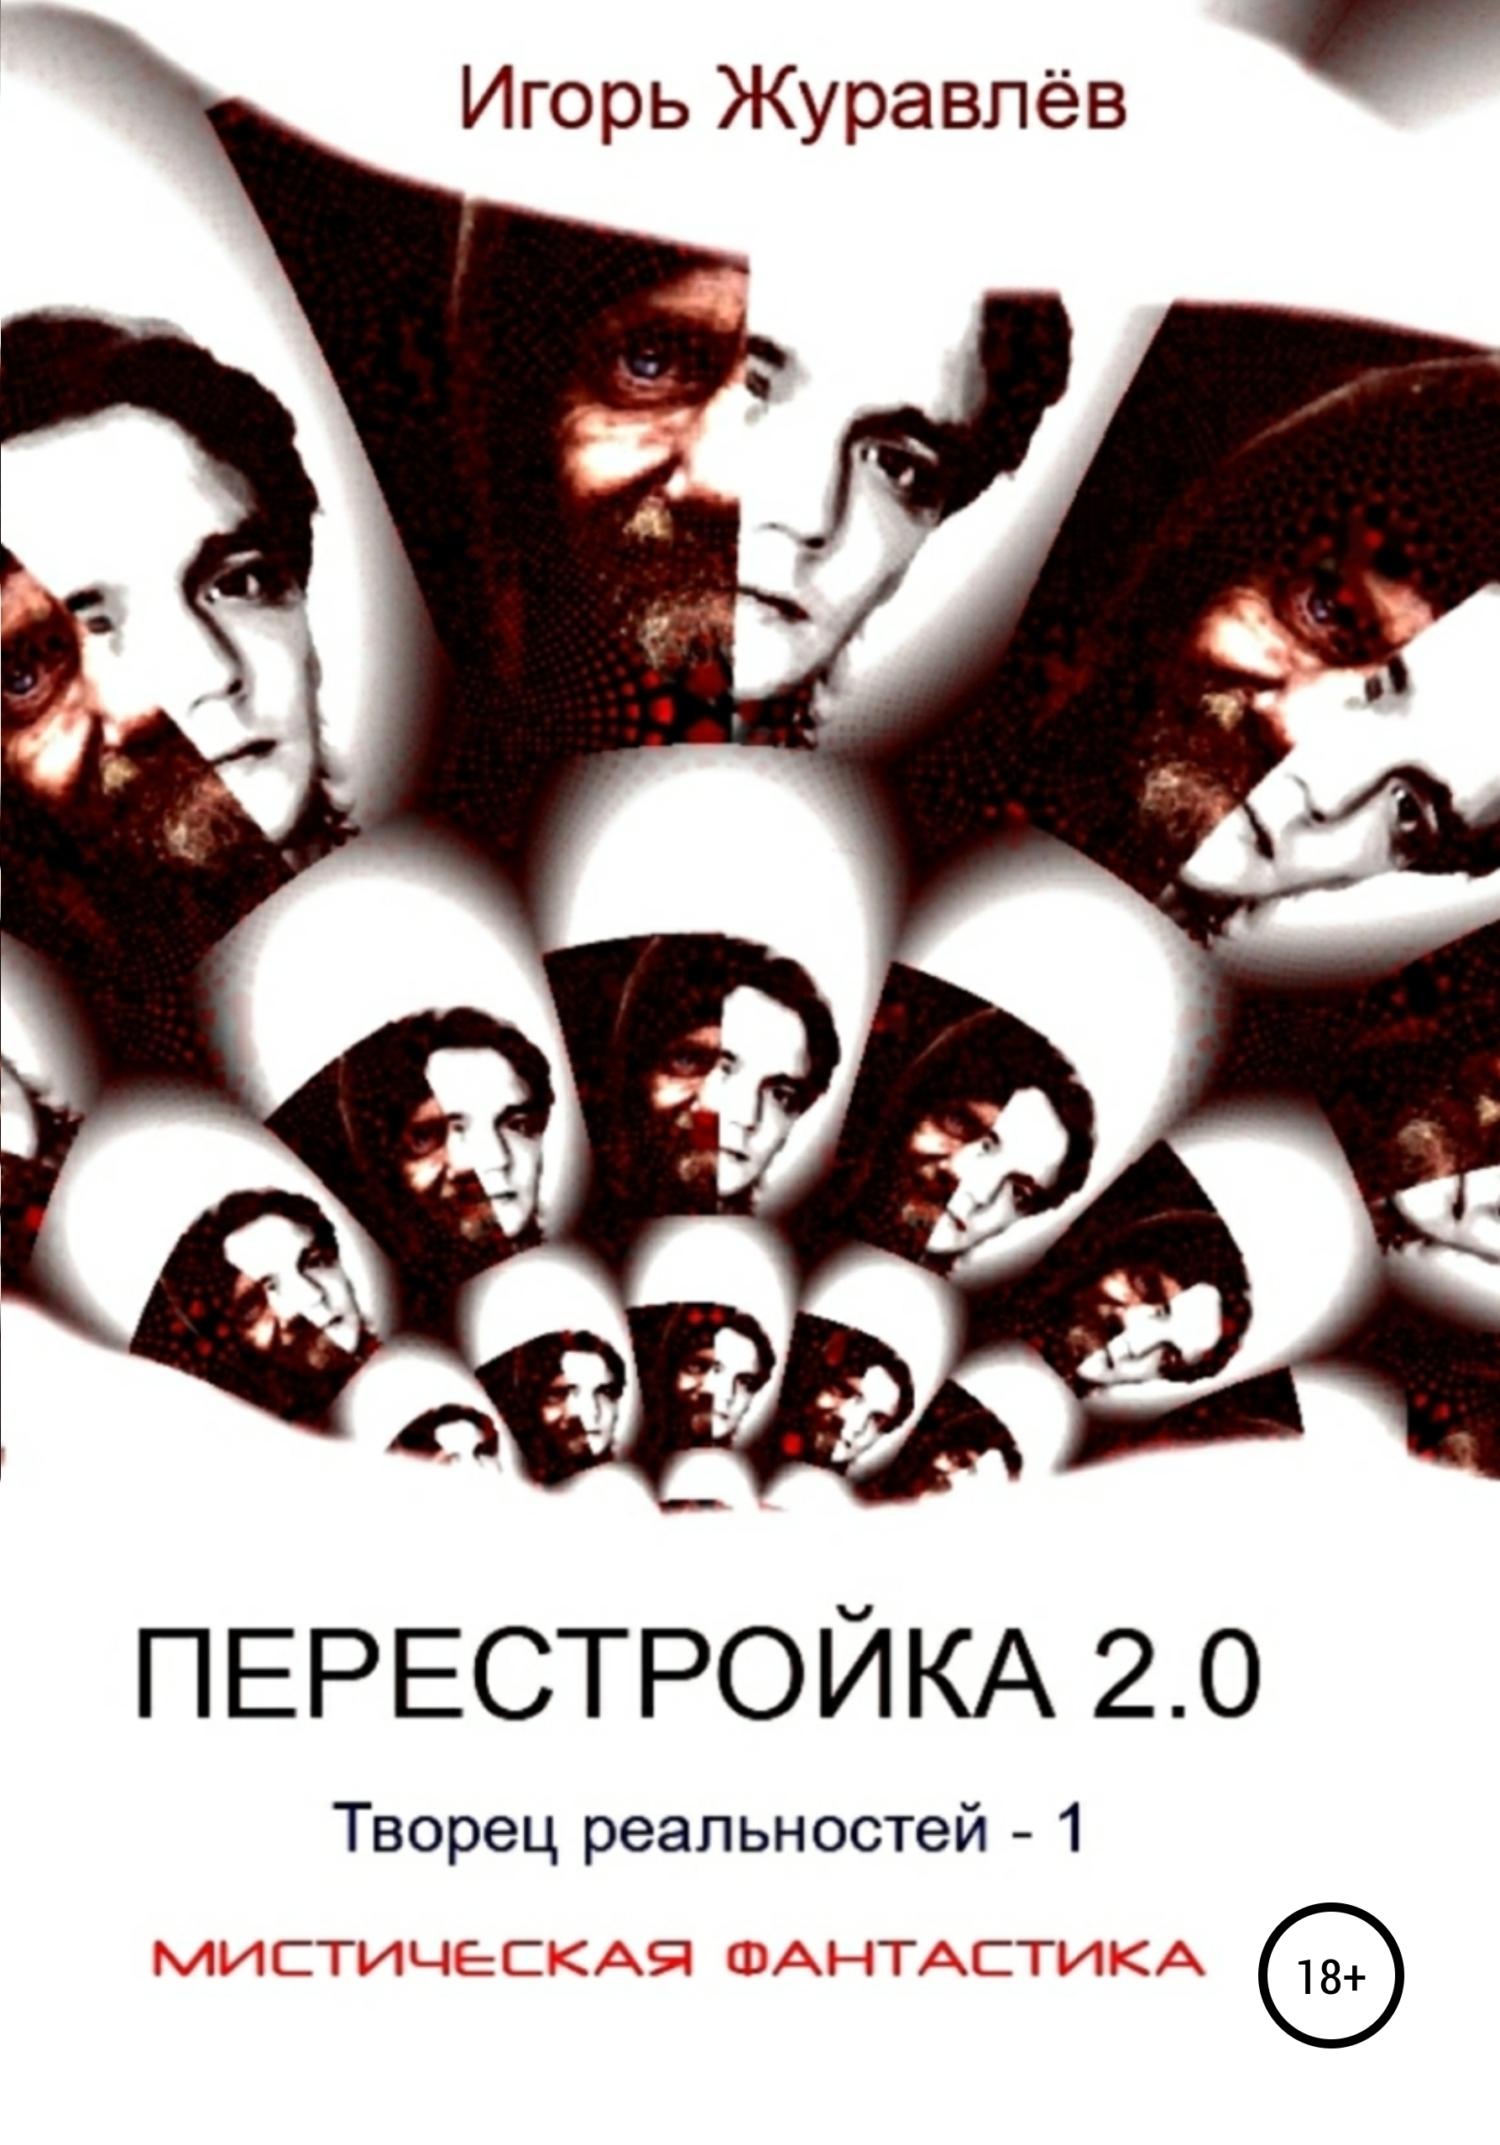 Купить книгу Перестройка 2.0, автора Игоря Журавлева